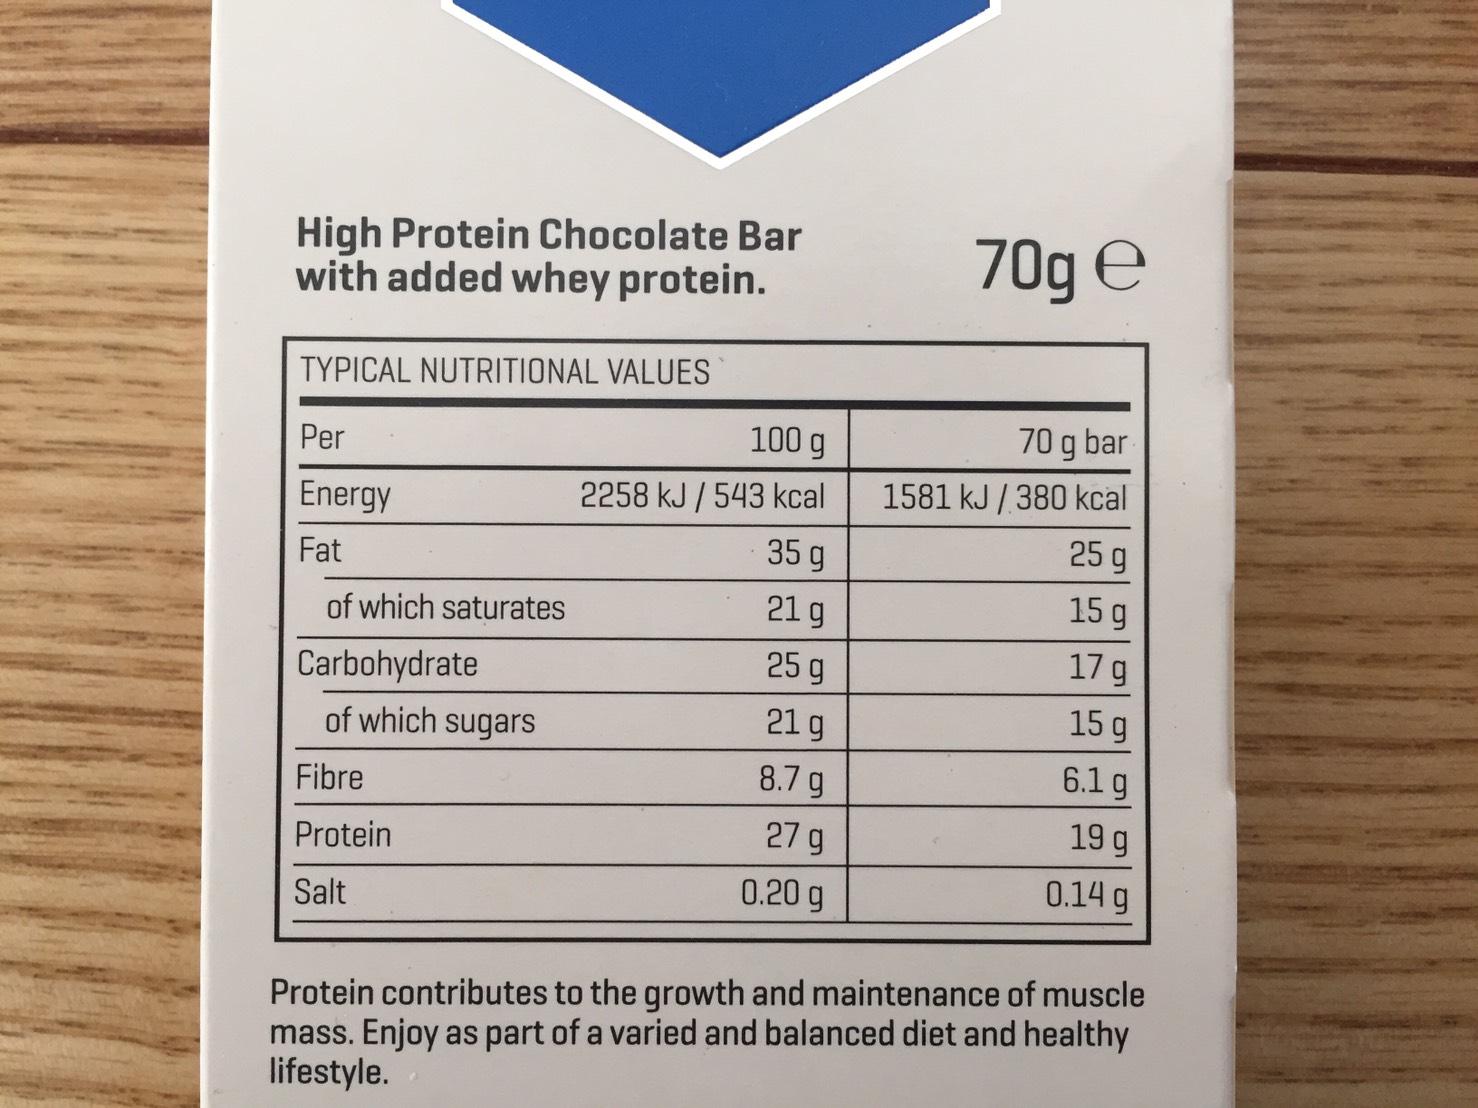 ハイプロテインチョコレート「チョコレート味」の成分表